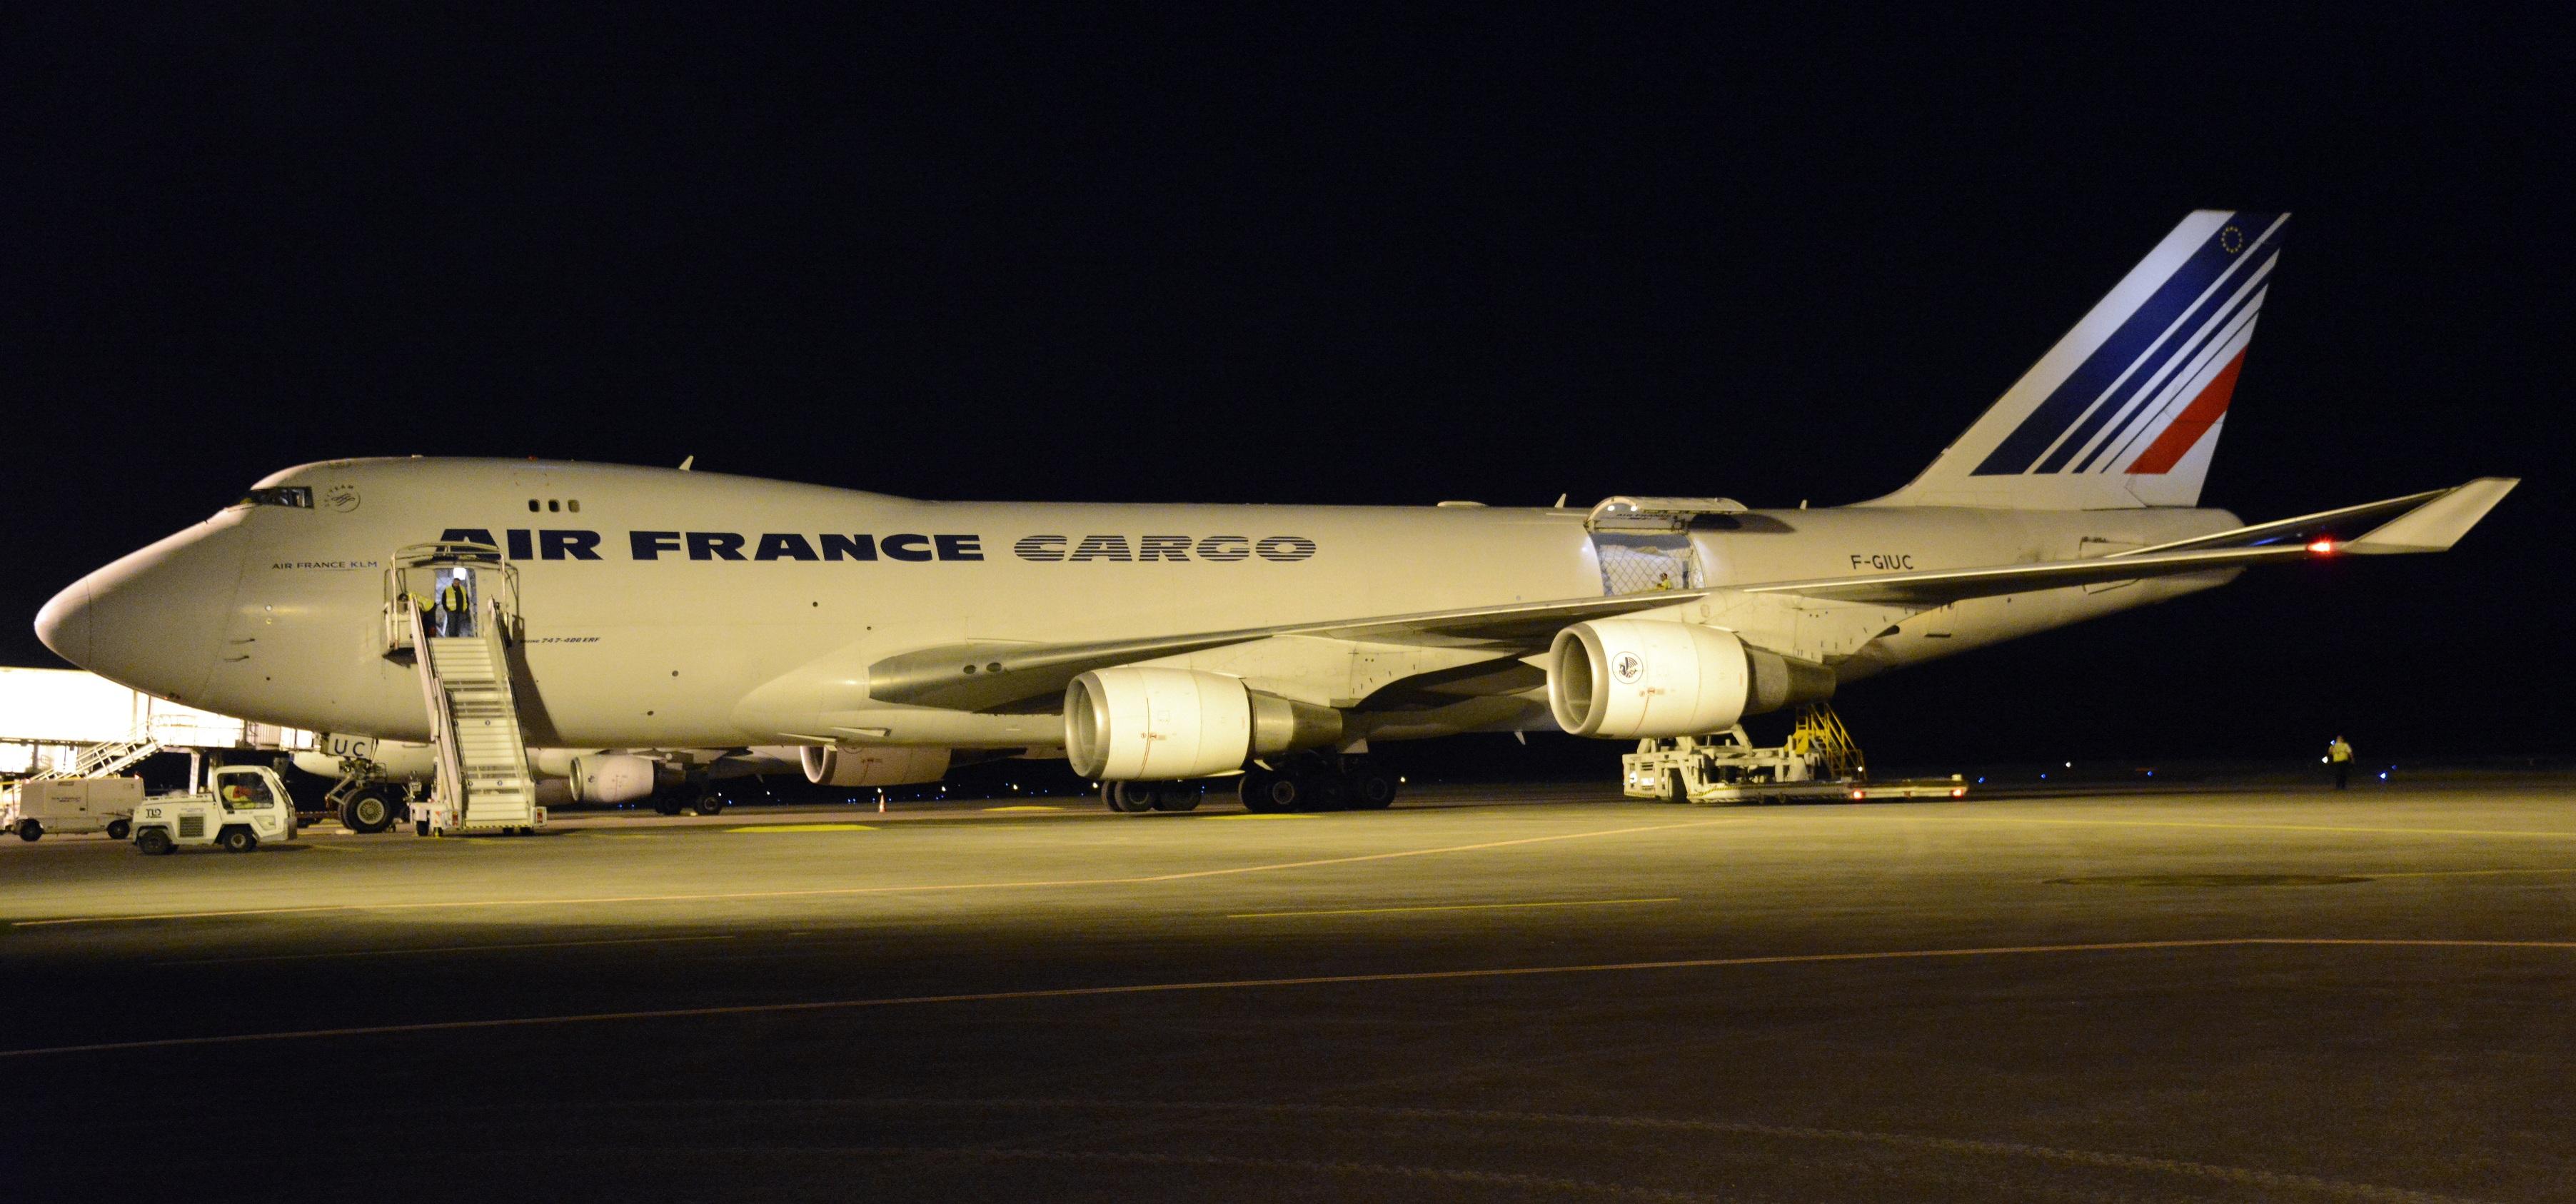 French Guiana Travel Agency